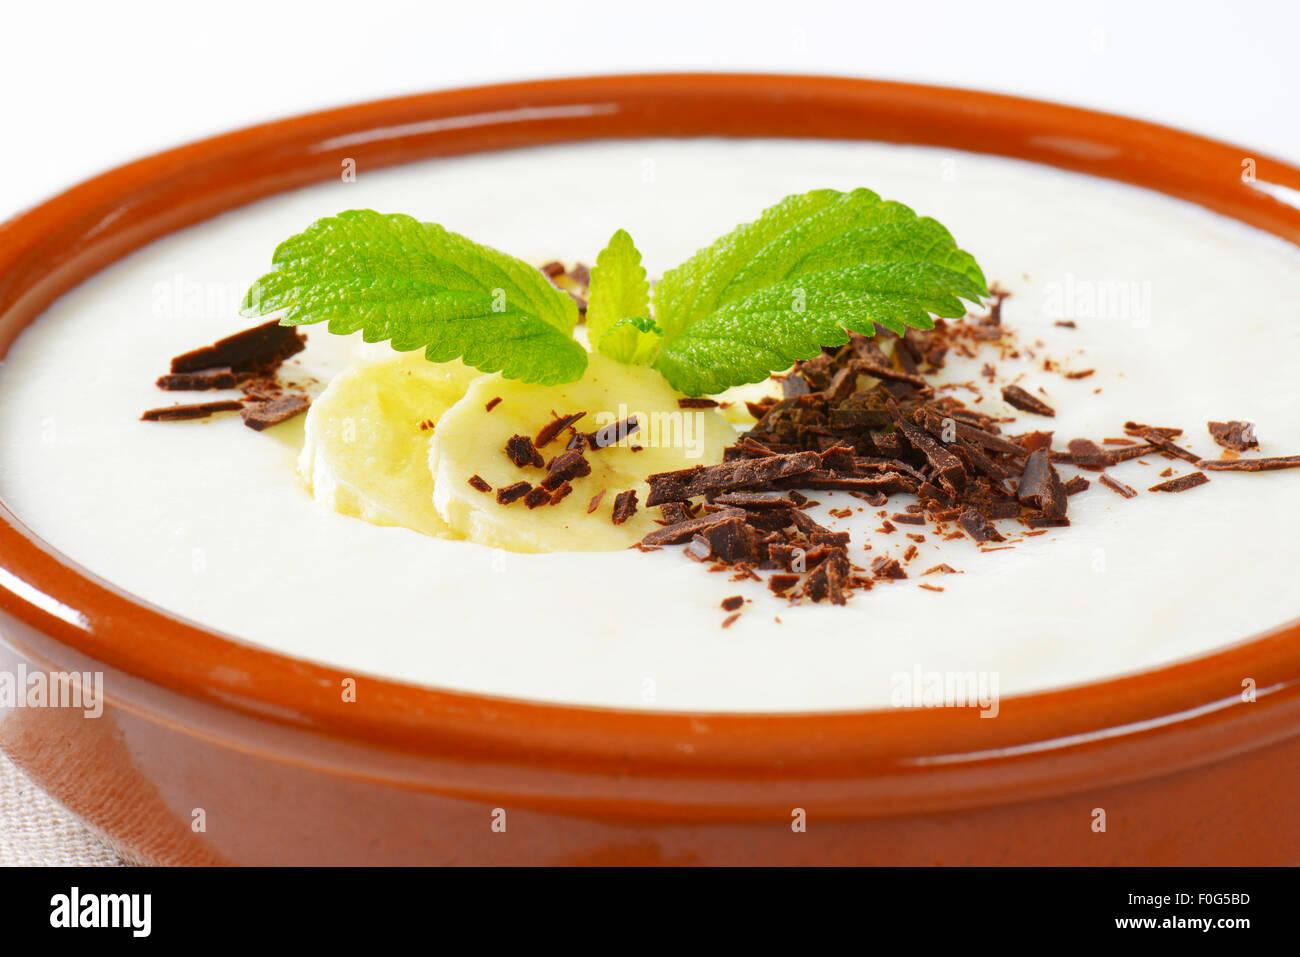 Bol de pouding au lait lisse avec des tranches de banane et de chocolat râpé Photo Stock